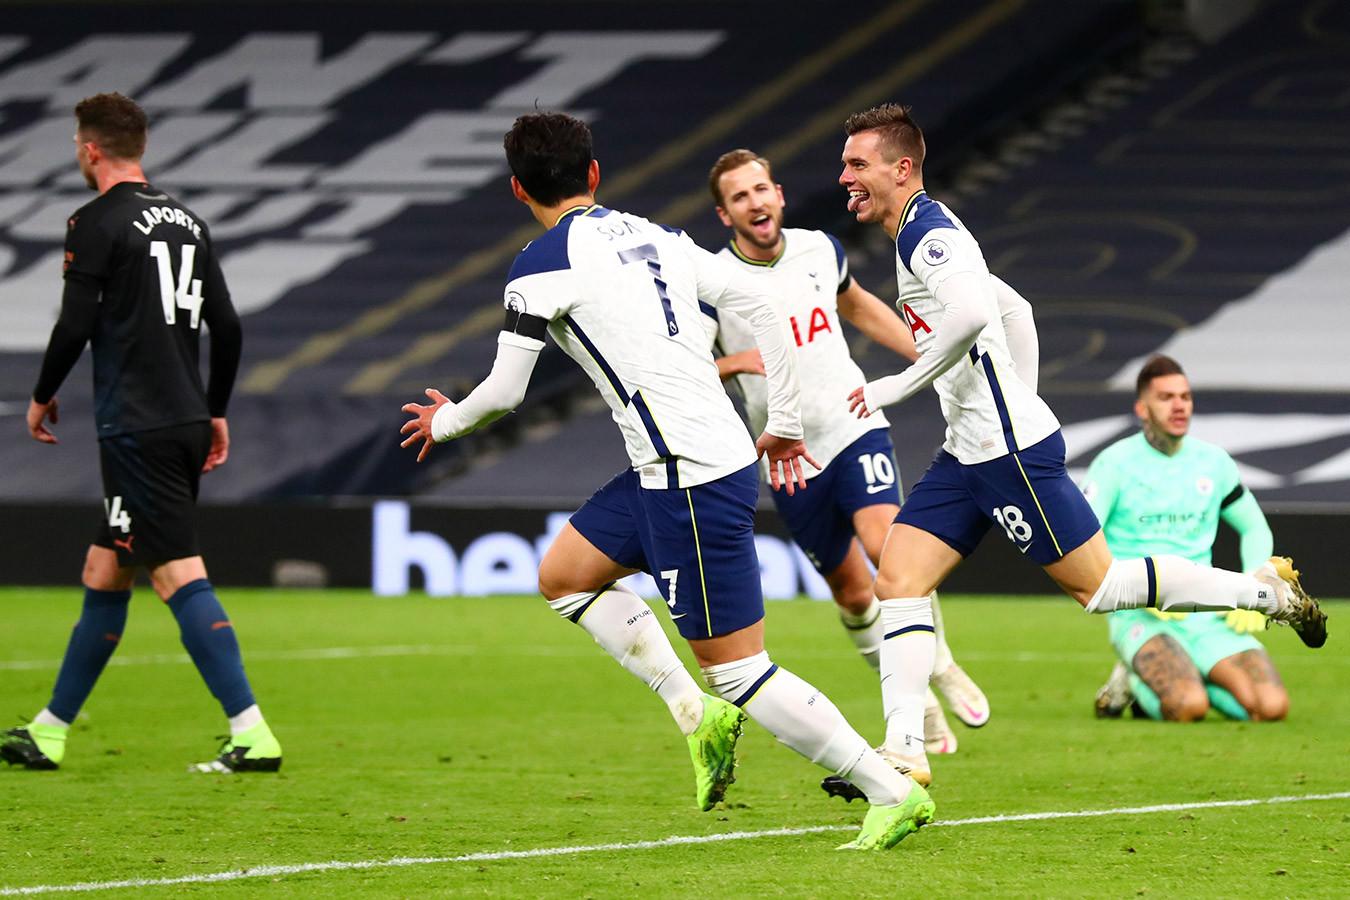 «Тоттенхэм» обыграл «Манчестер Сити» и возглавил турнирную таблицу АПЛ